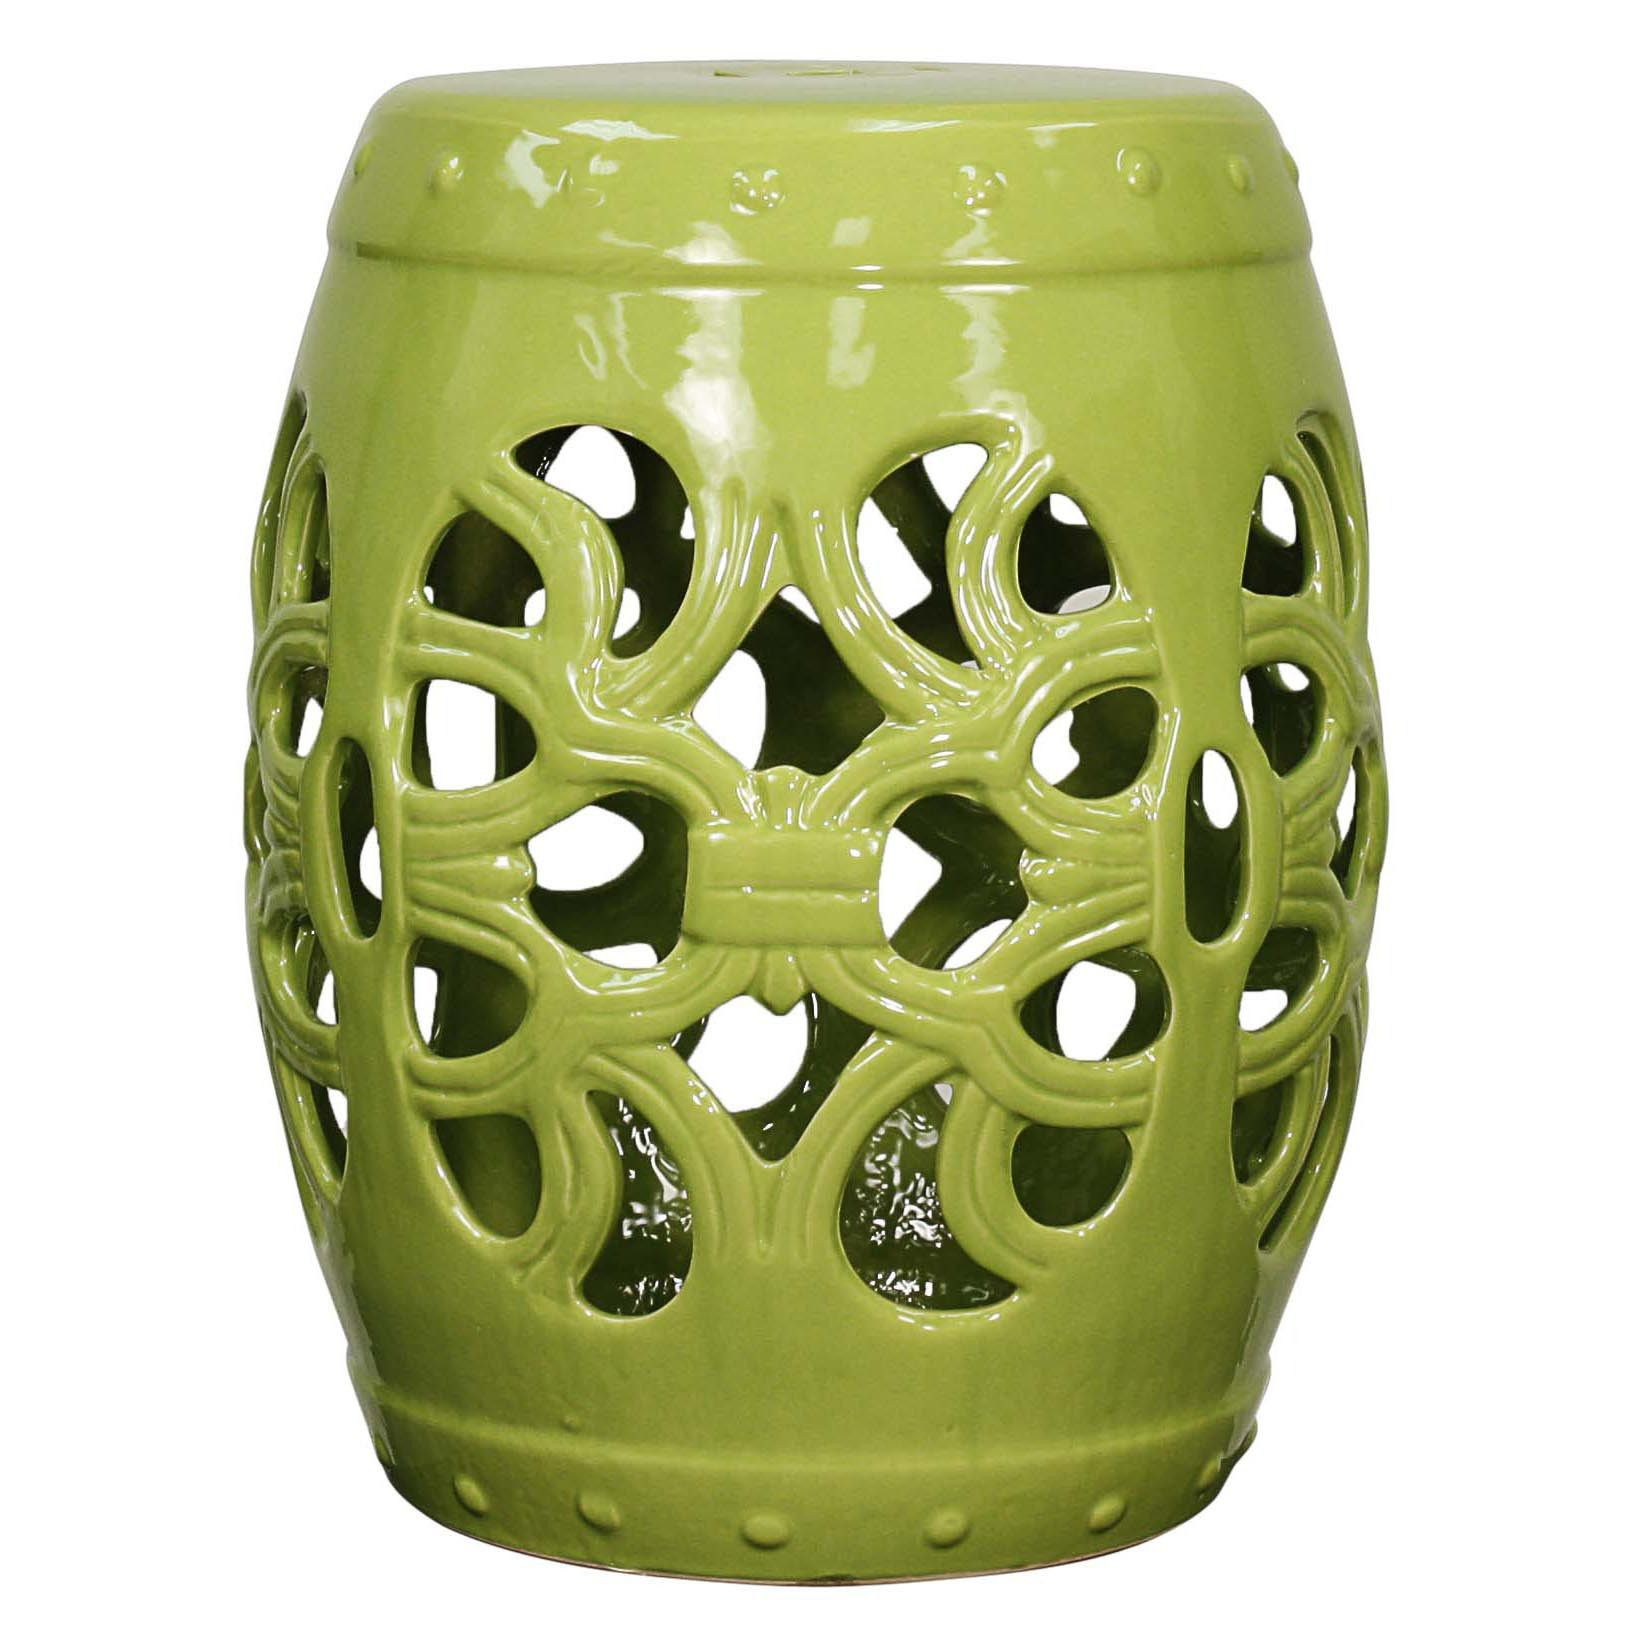 Golnaz Ceramic Garden Stool Green - Ceramic Garden Stools, Stools